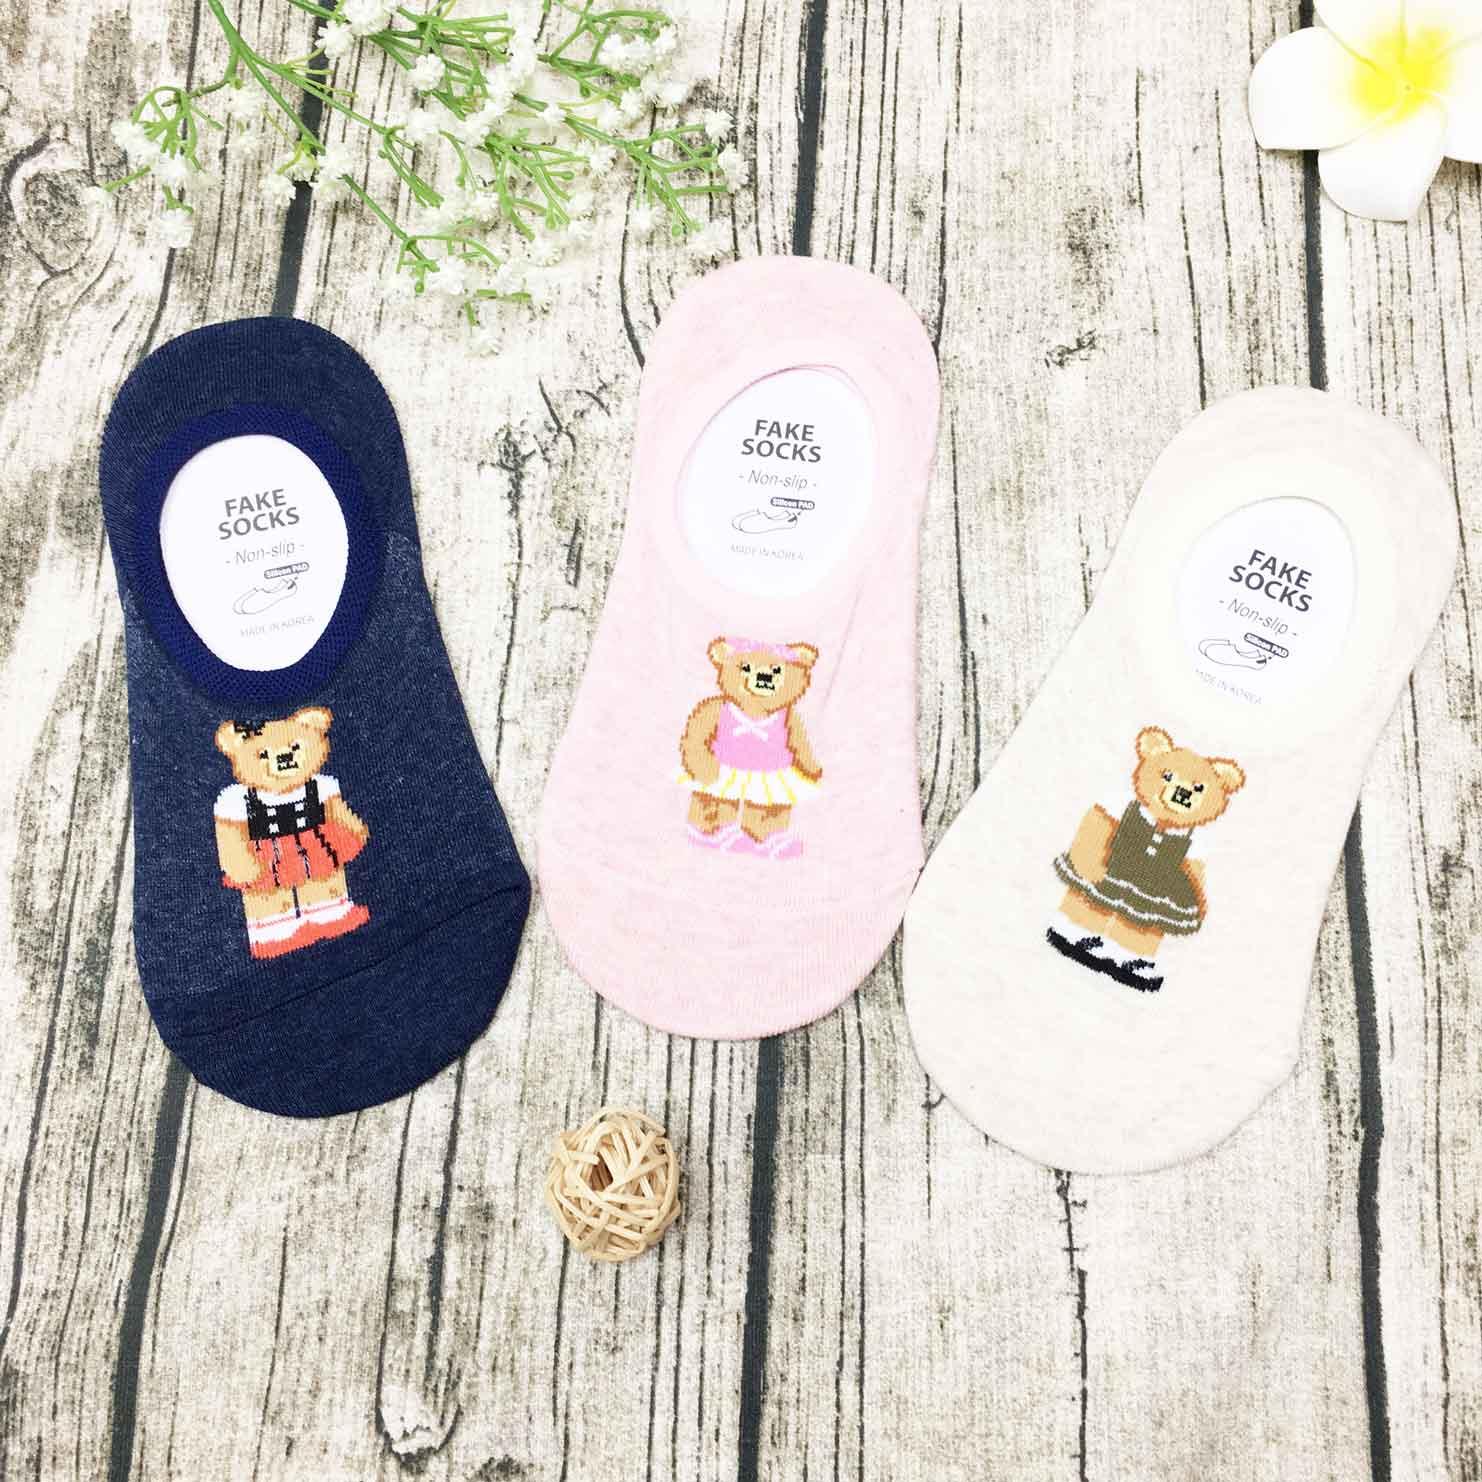 韓國襪 洋裝熊 襪子 防滑襪子 隱形襪